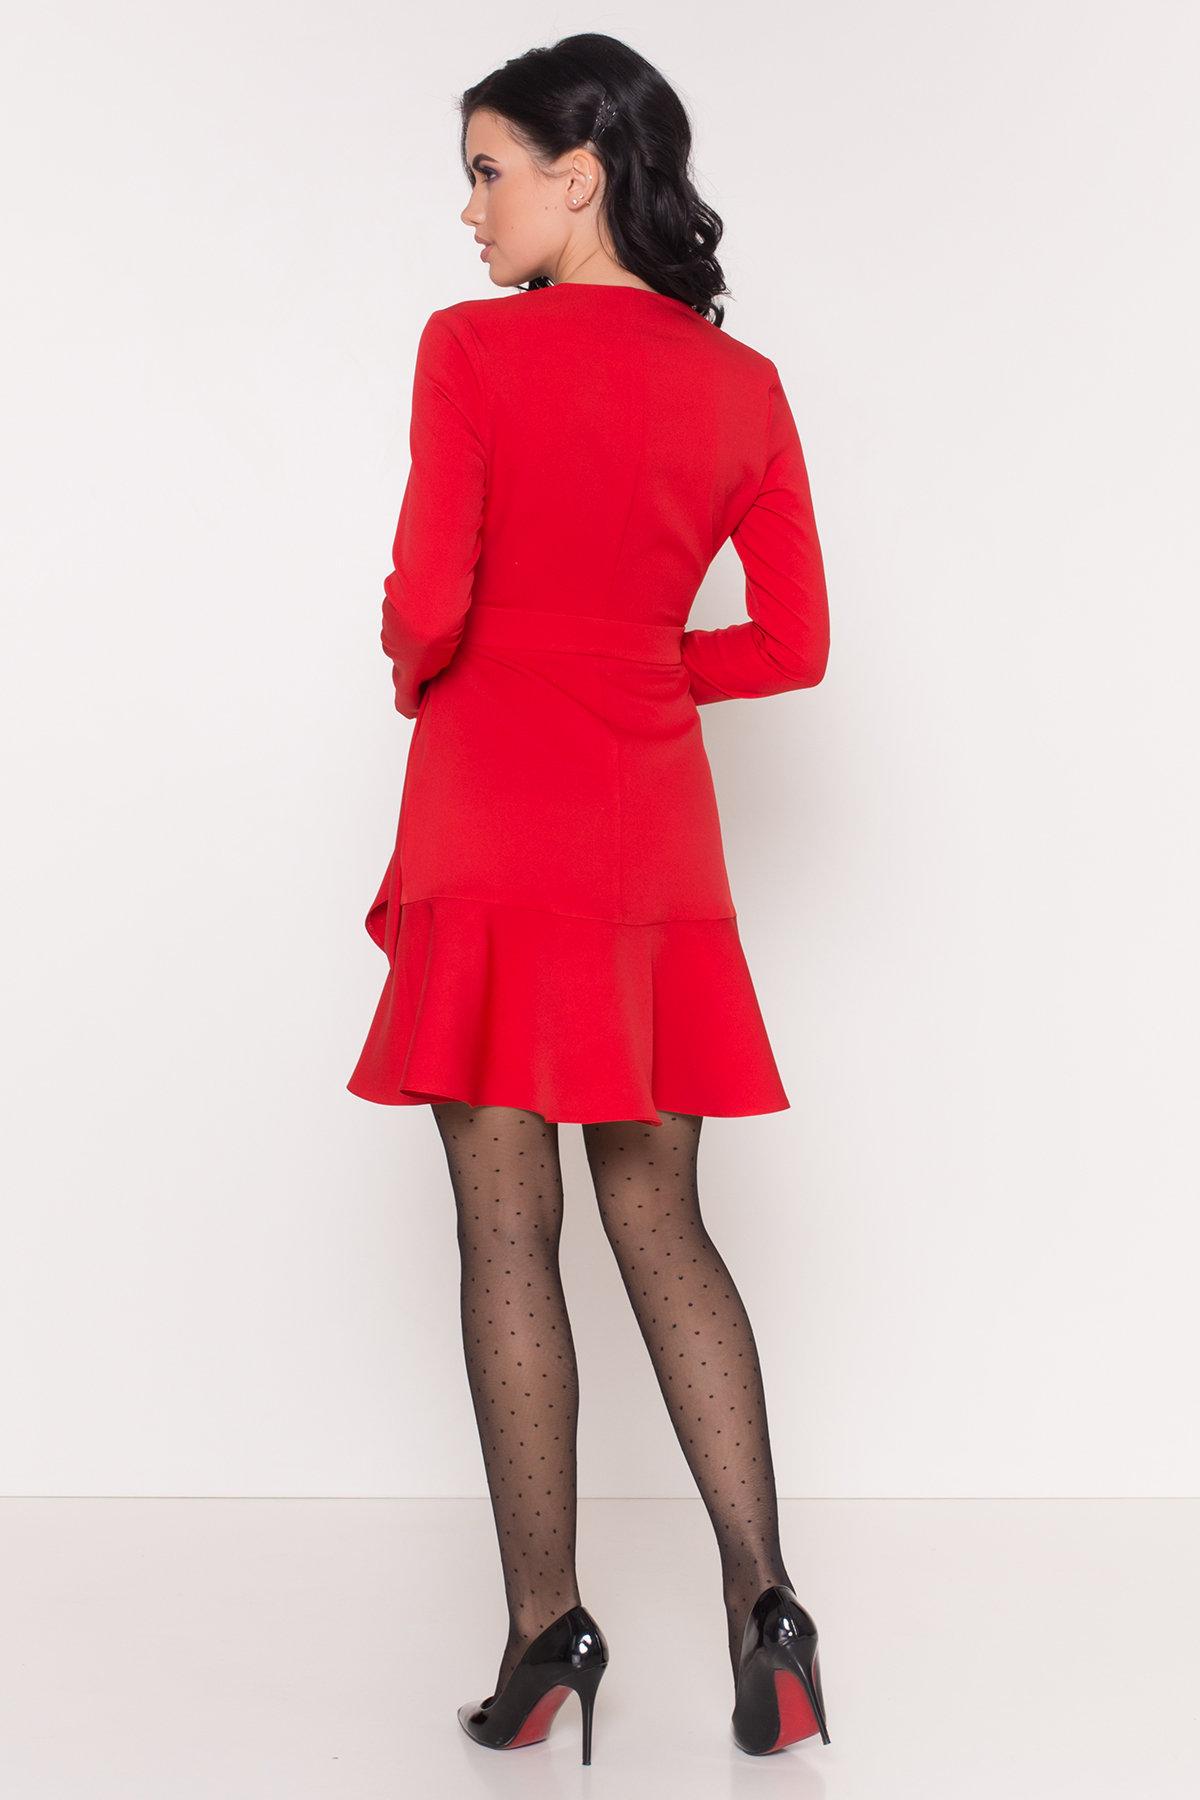 Однотонное платье на запах Фламенко 8336 АРТ. 44858 Цвет: Красный - фото 4, интернет магазин tm-modus.ru